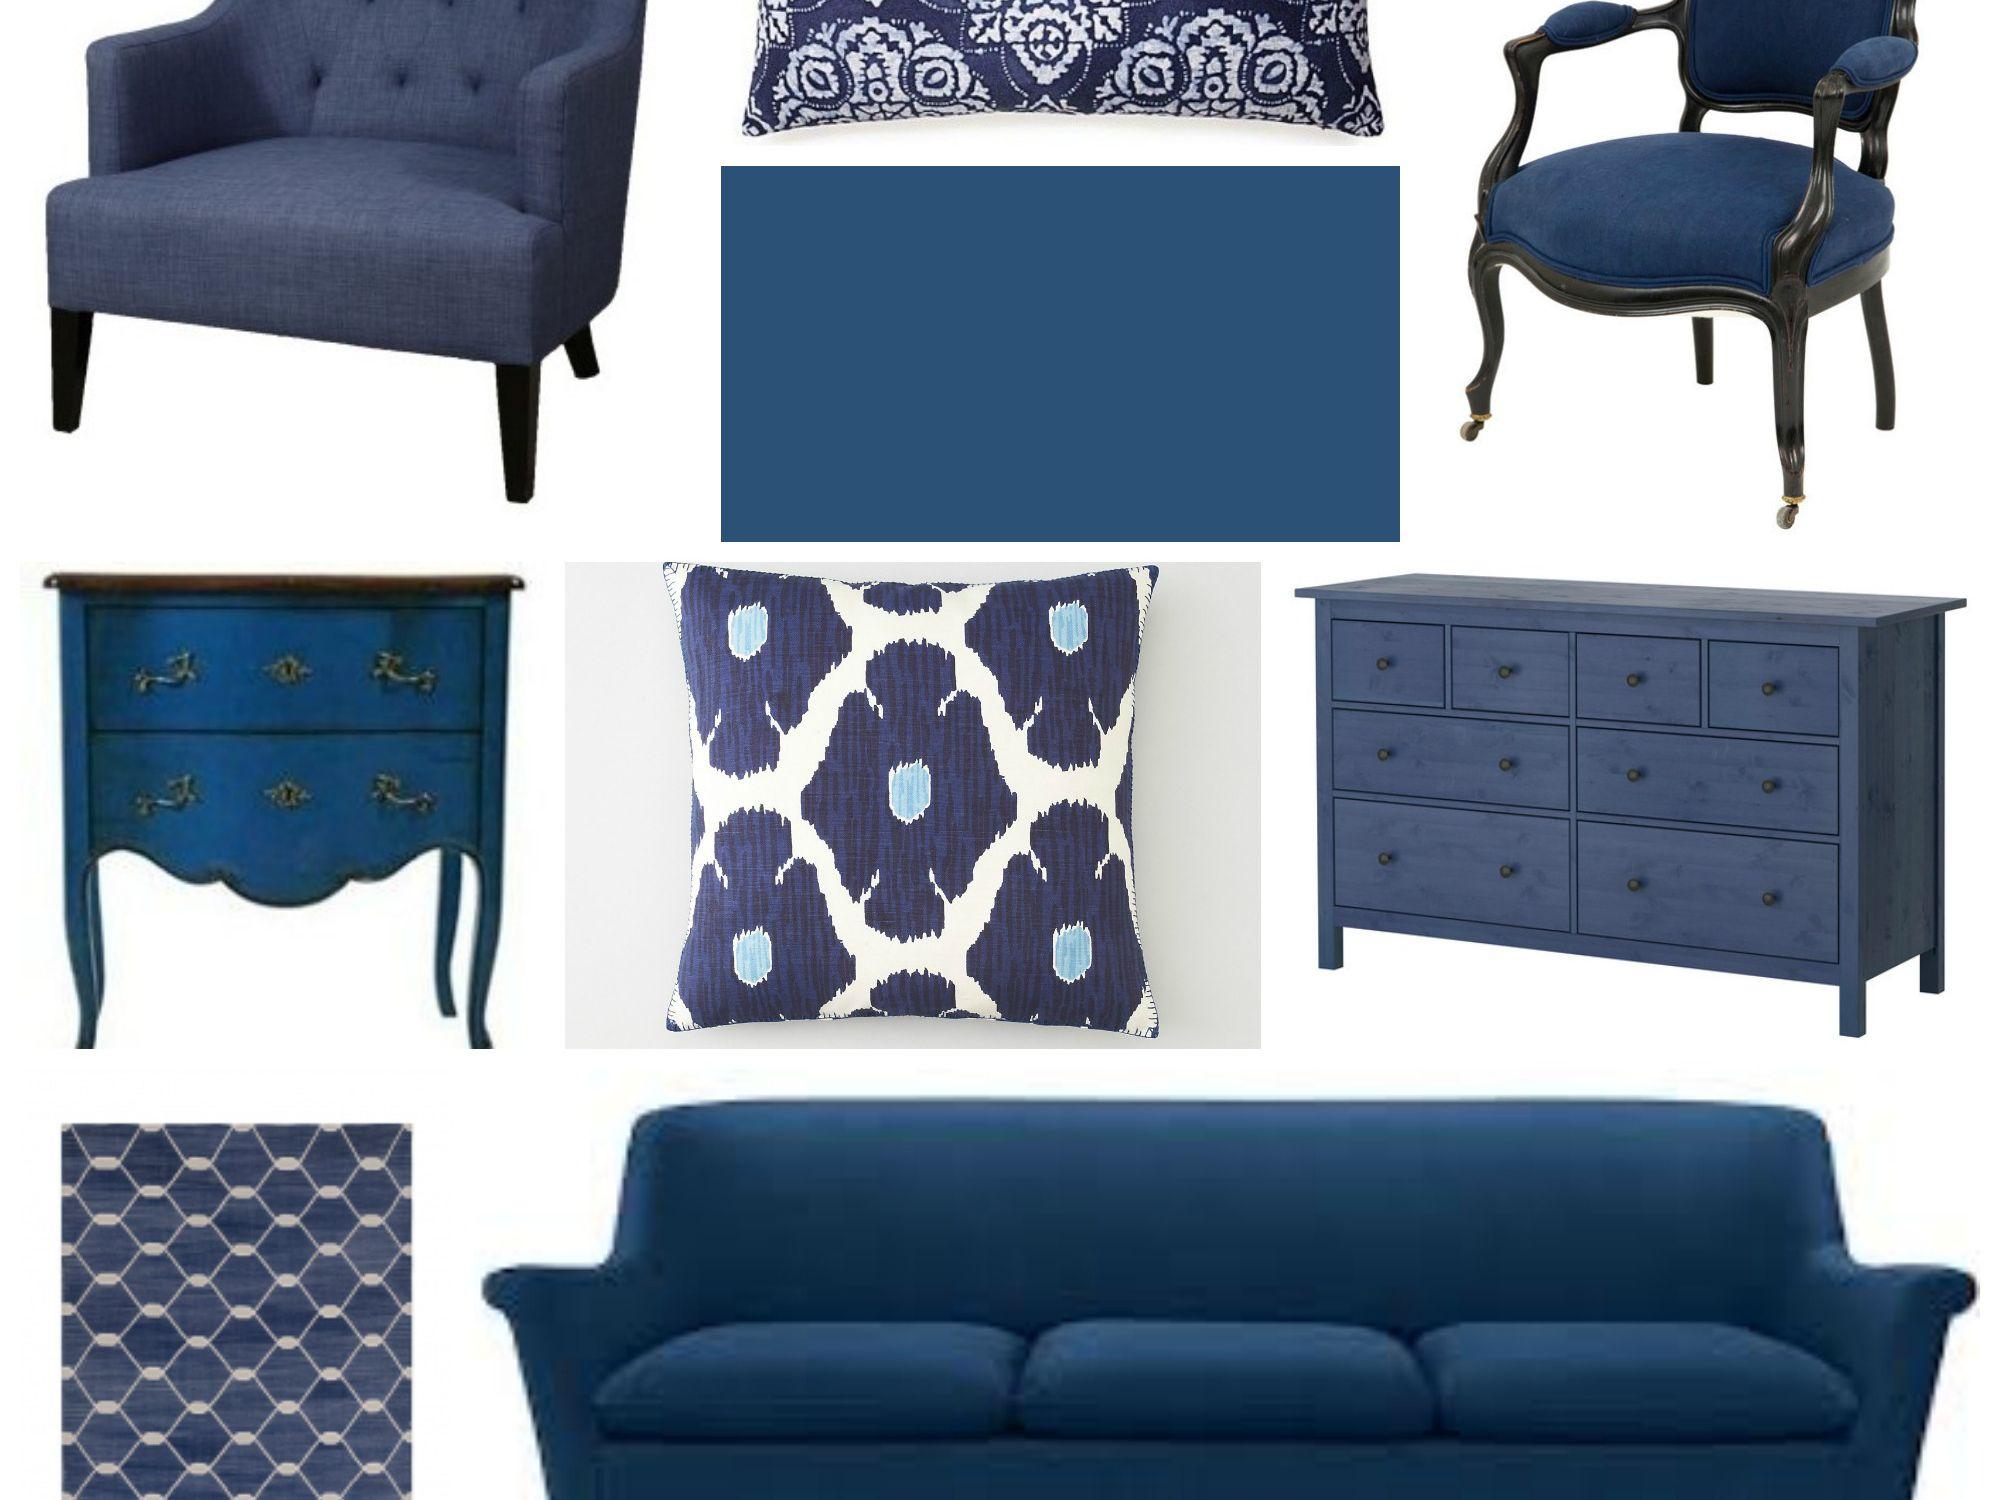 Home Decorating With Indigo Blue